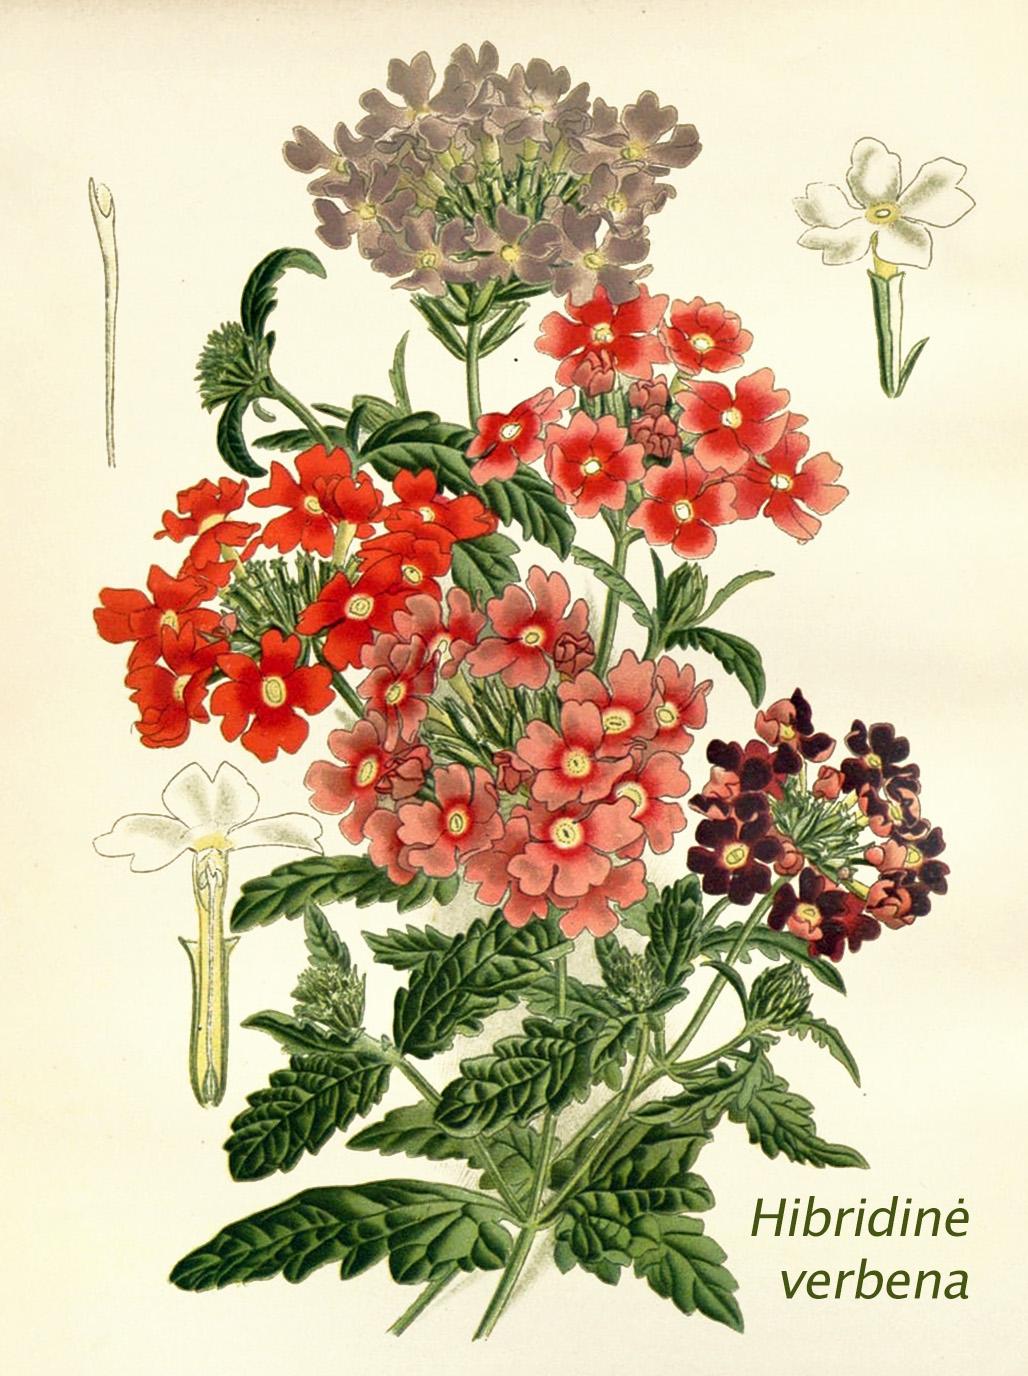 Hibridinė verbena botanikoje